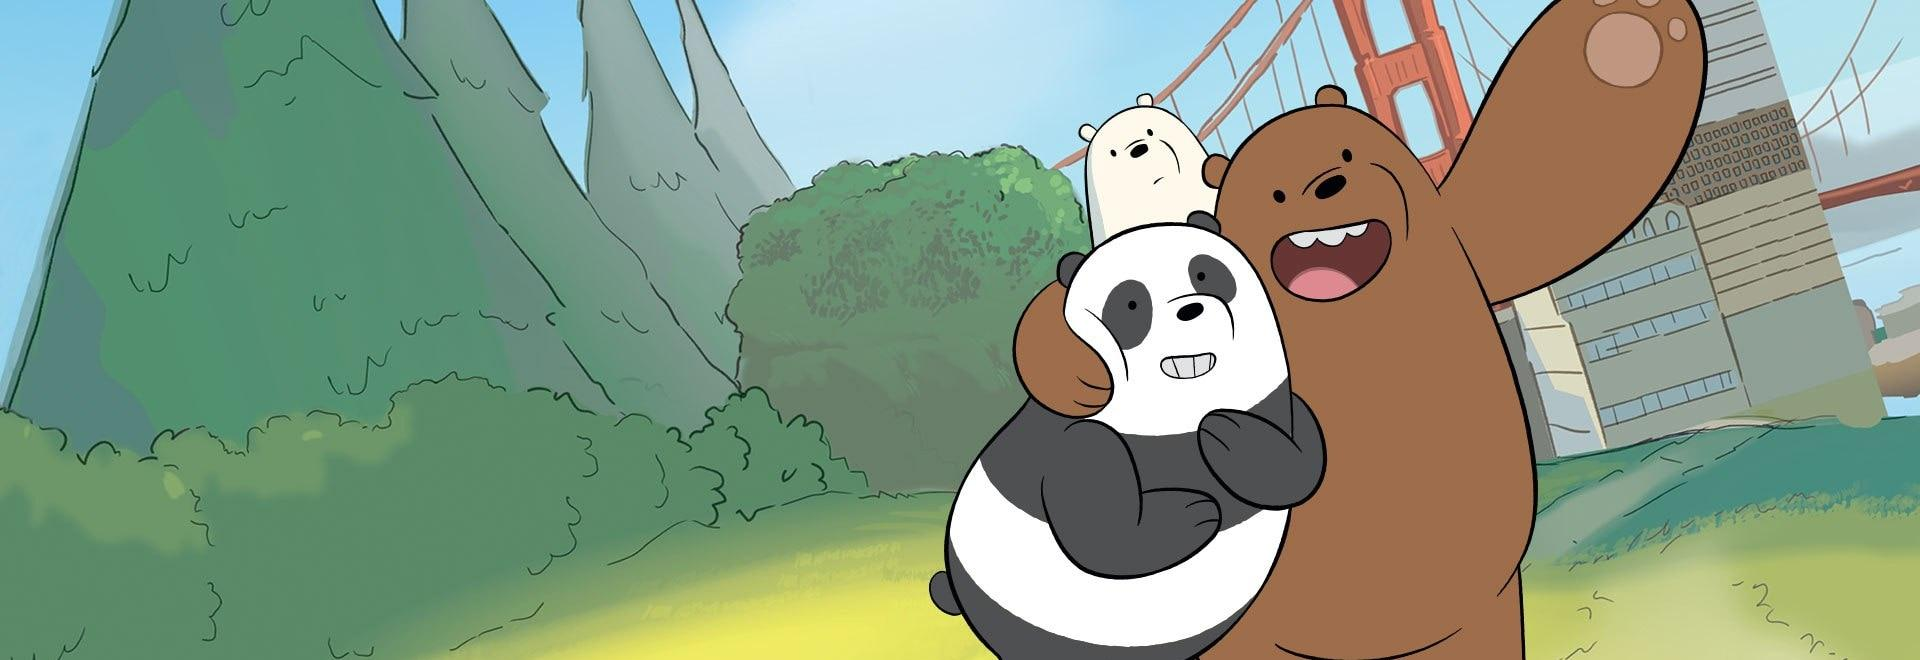 Una fidanzata per Panda